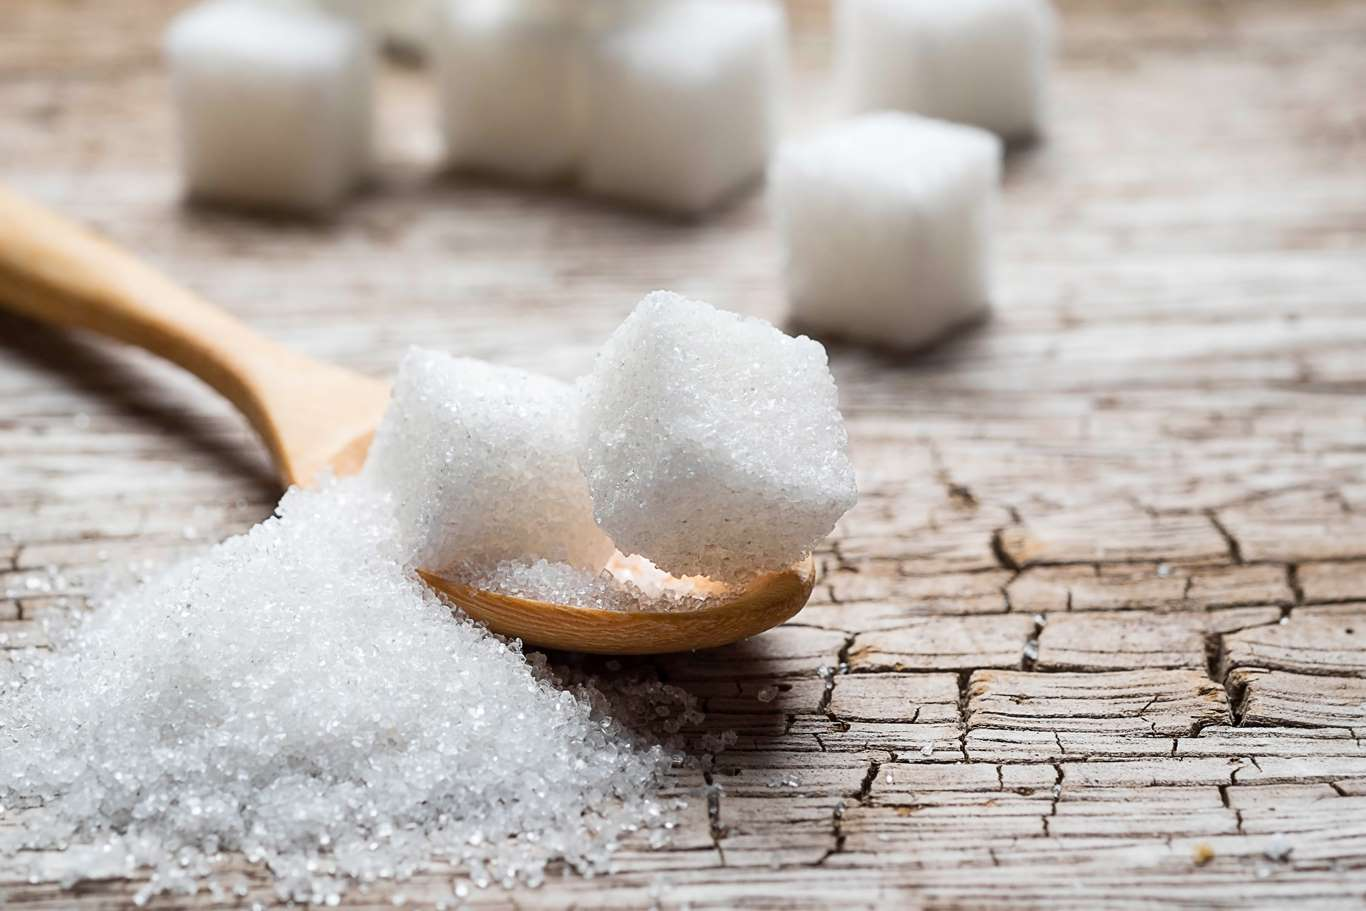 El cáncer se ve favorecido por el consumo de azúcar refinado. Este producto permite la multiplicación de células cancerosas. Entre todos los alimentos que contienen azúcar refinado el jarabe de maíz es especialmente perjudicial para la salud.